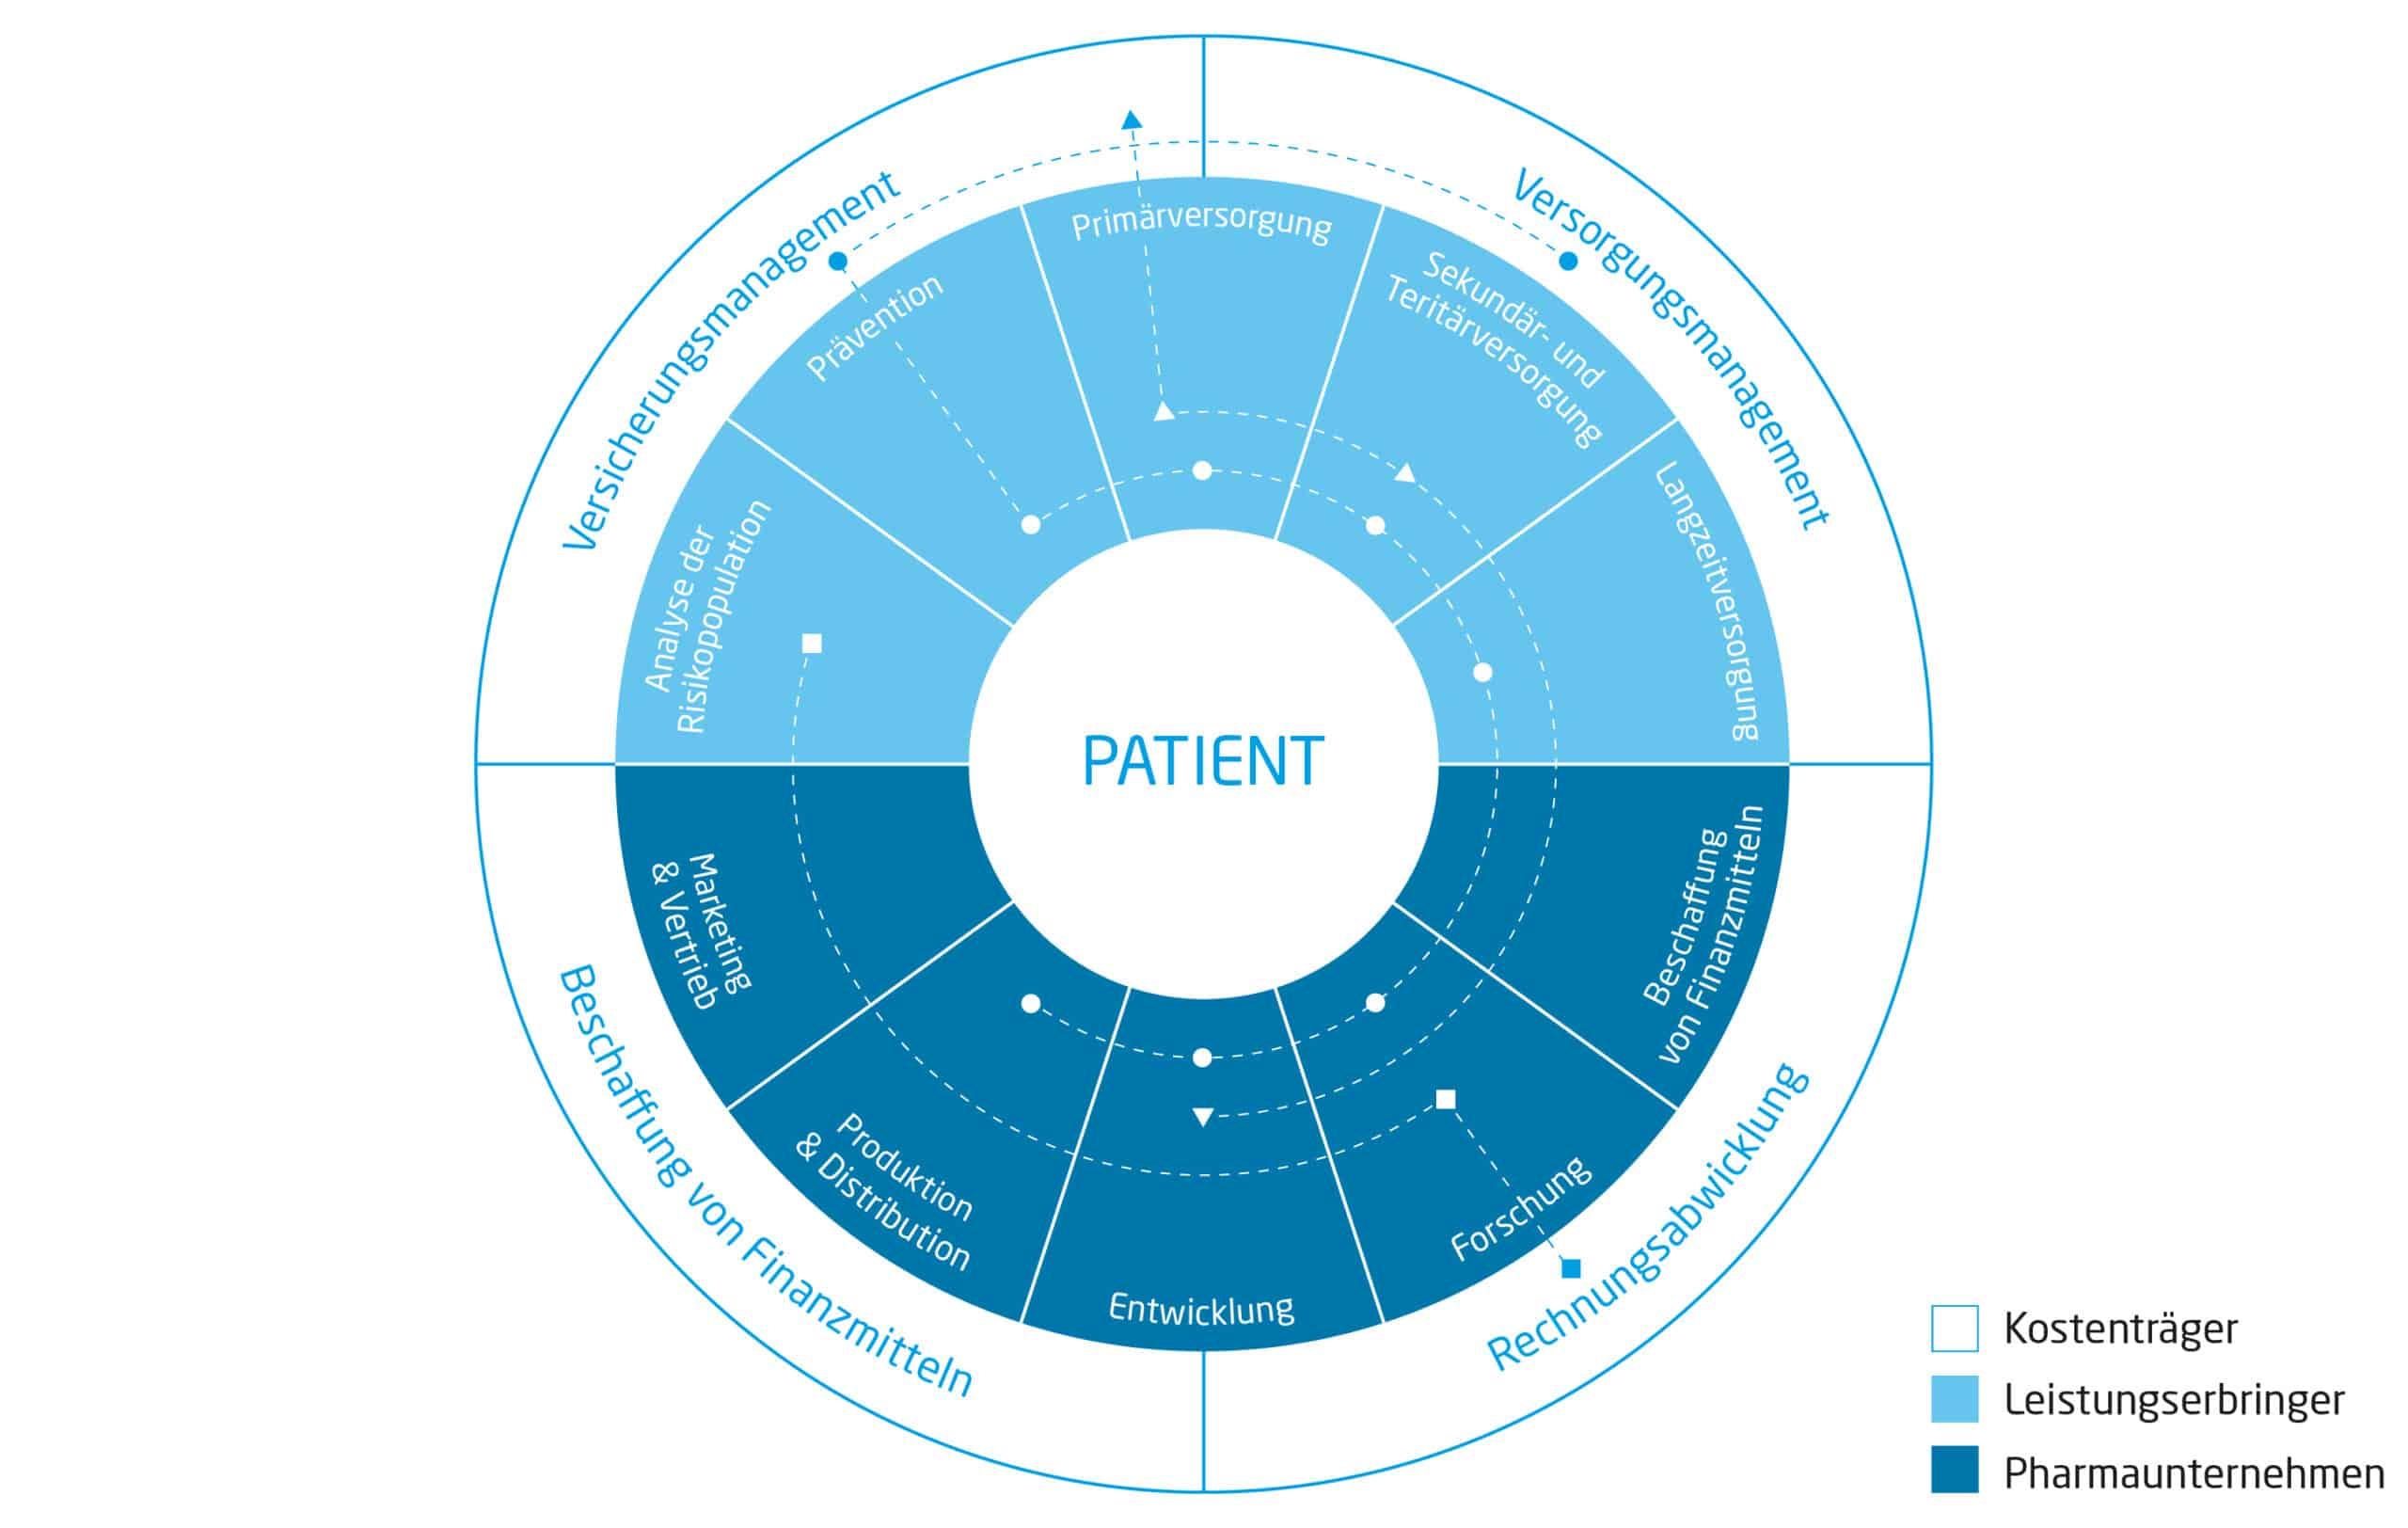 Die zirkuläre Wertschöpfungskette für eine hohe Patient Centricity